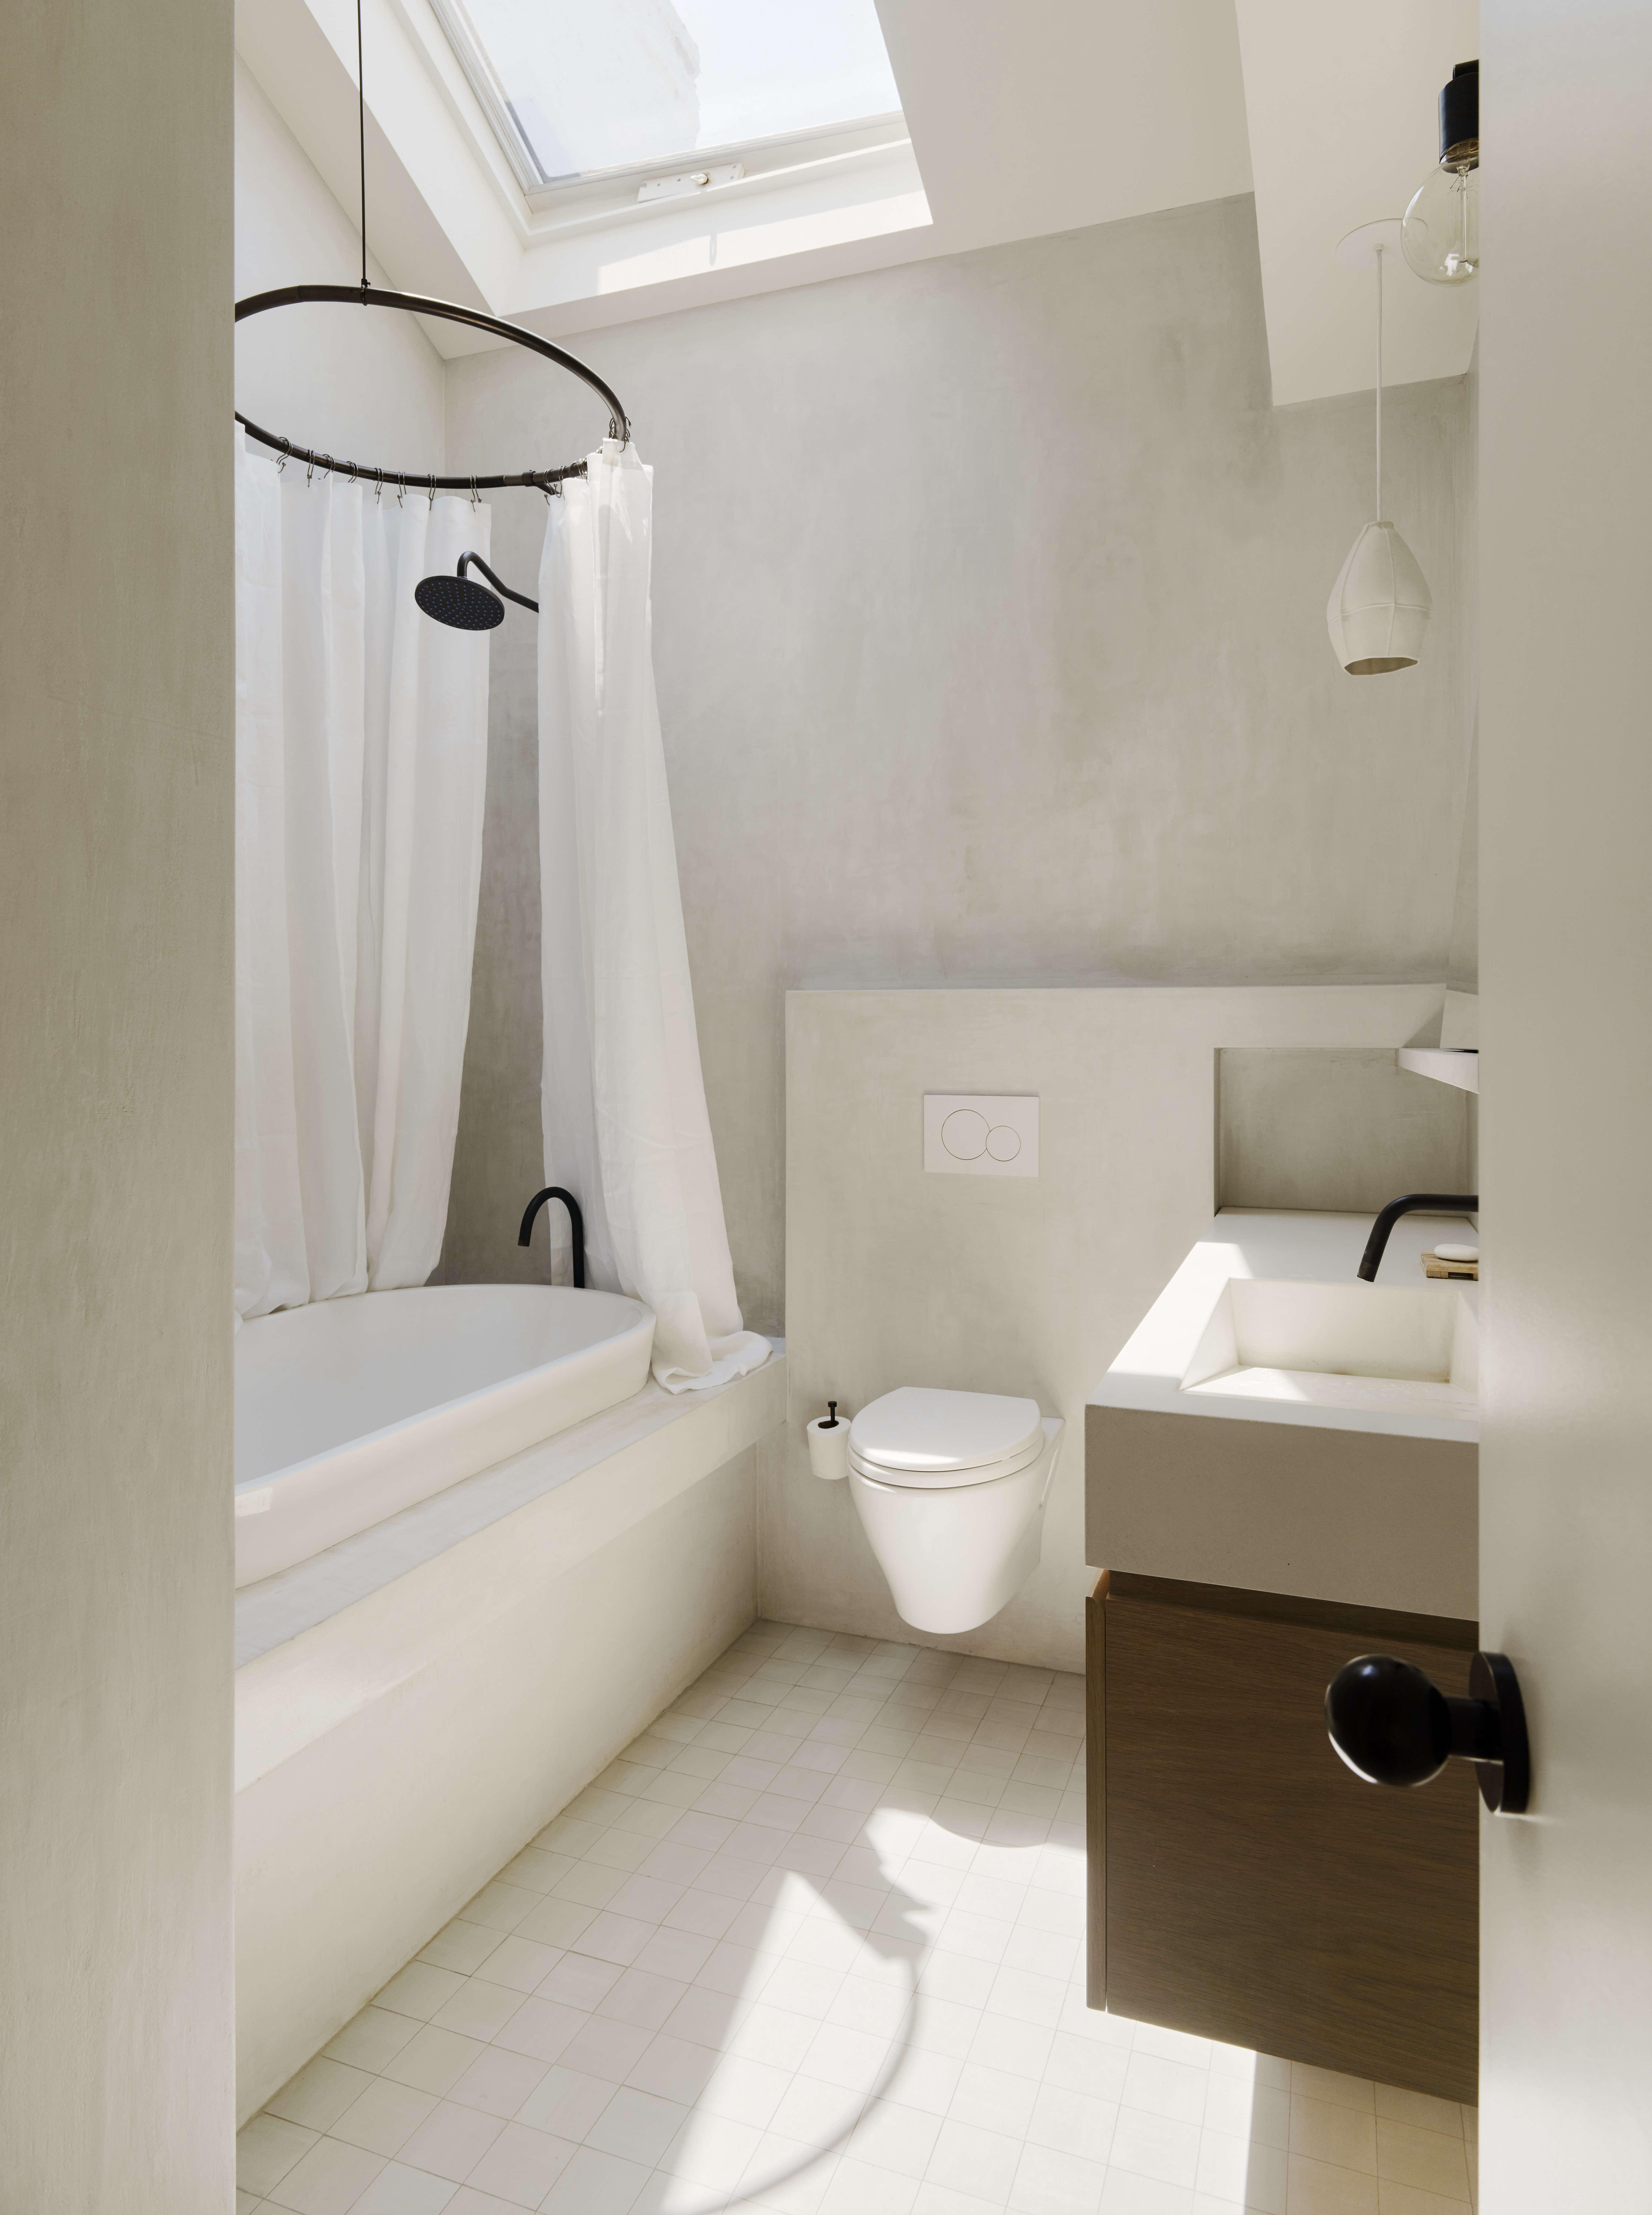 Bathroom Of The Week In Brooklyn Heights An Ethereal